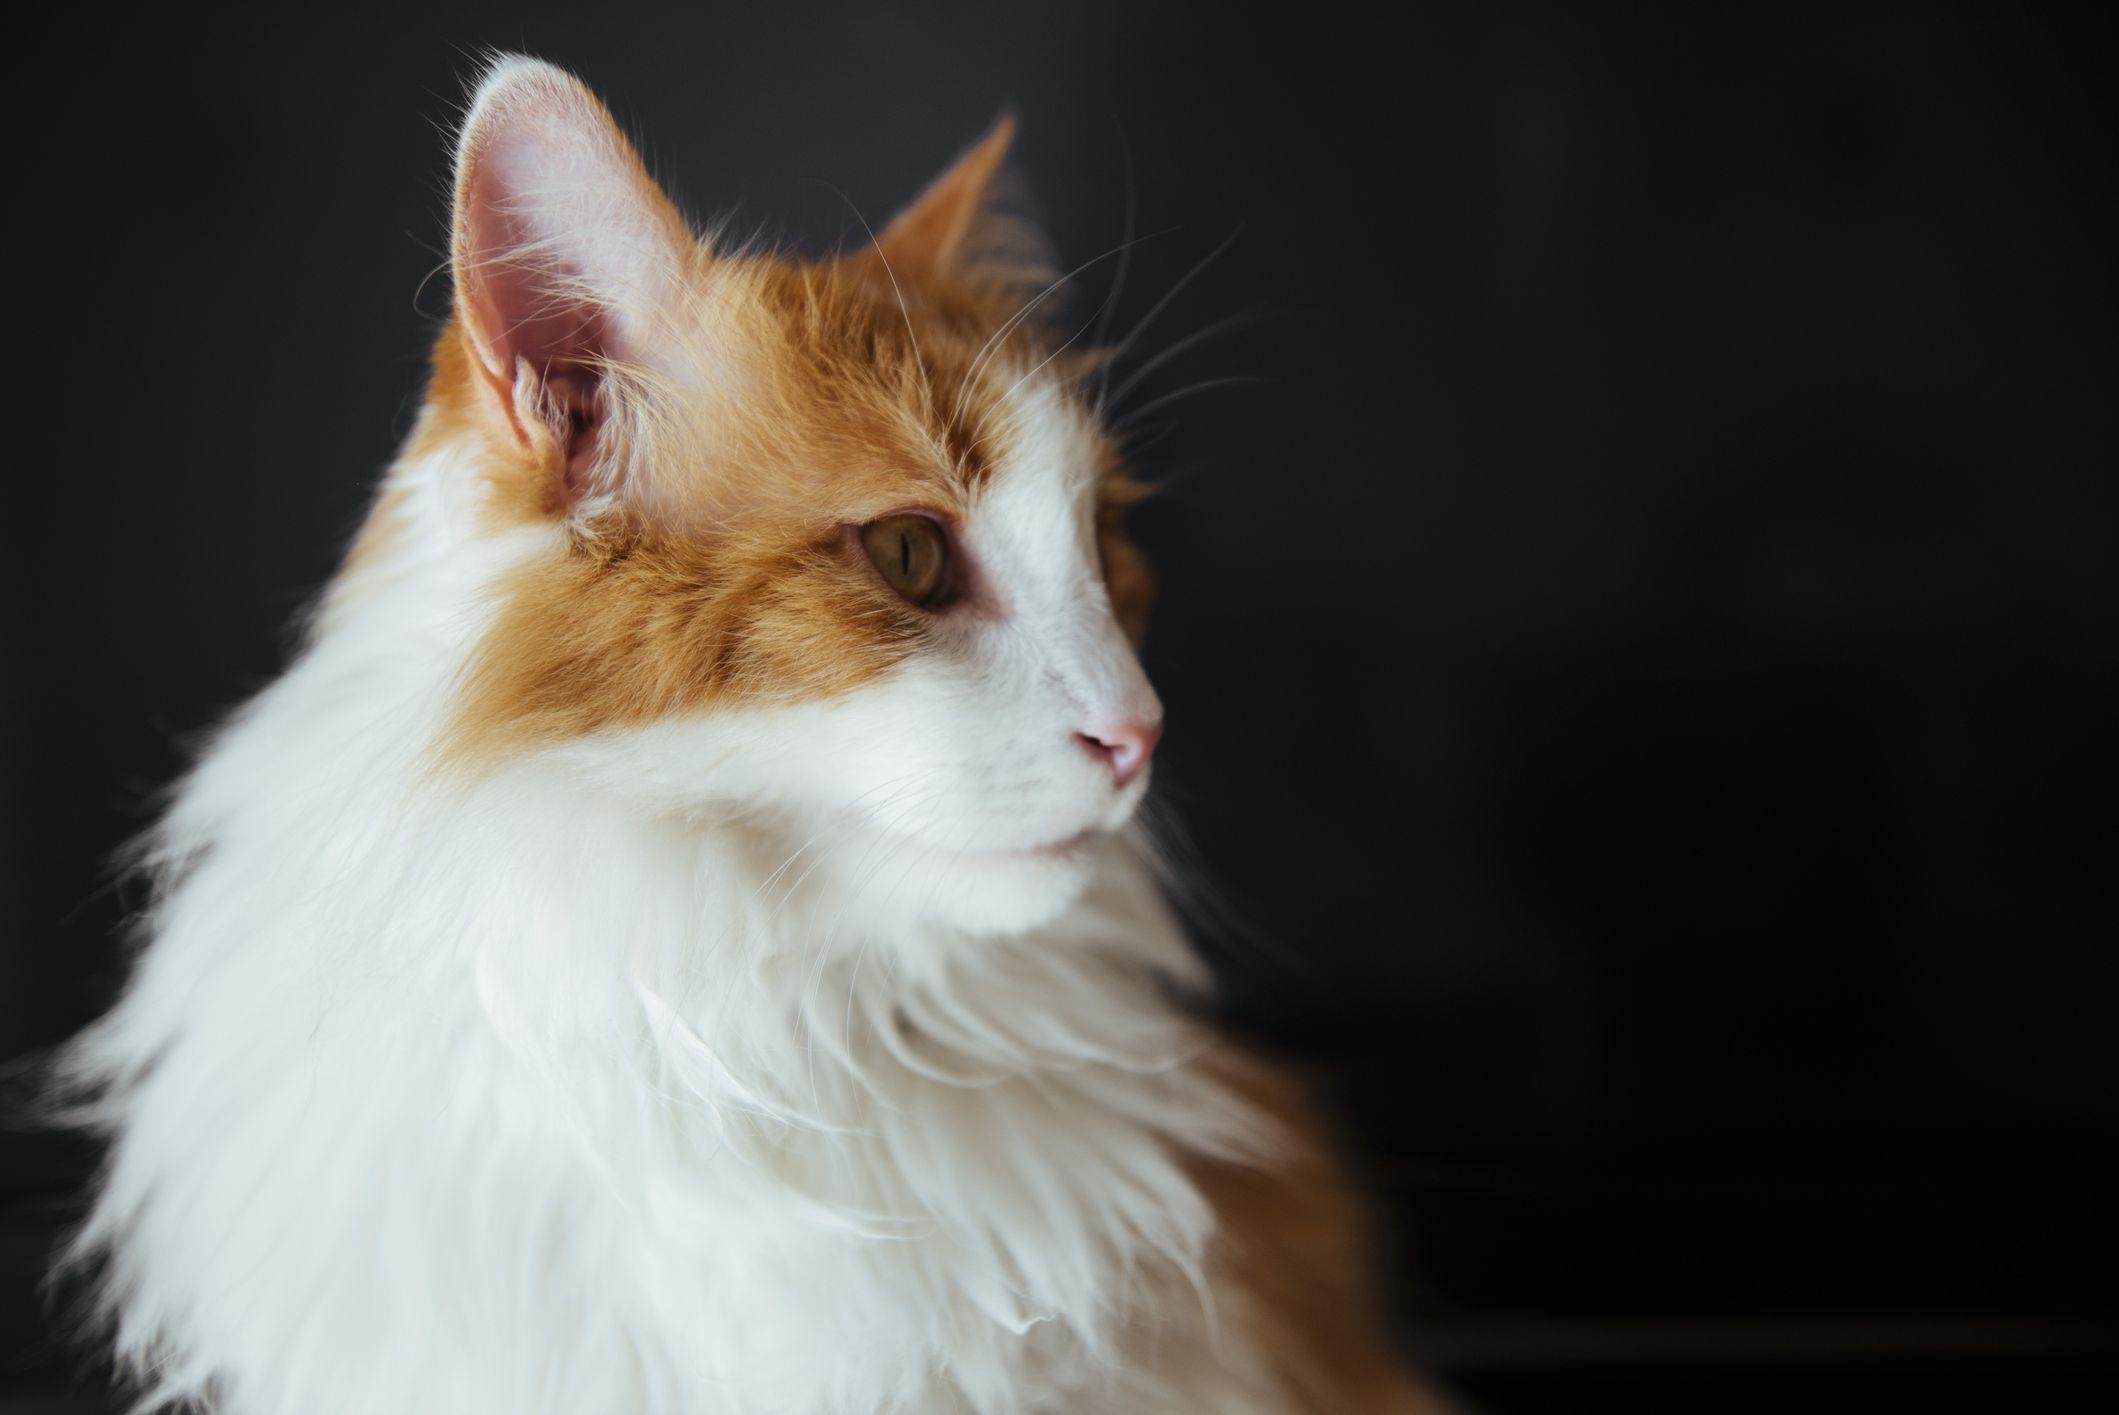 Un gran, gato esponjoso con marcas naranjas y blancas delante de un fondo negro sólido. , Un gato persa anaranjado de cara plana mirando a la cámara recostada en una silla de felpa. , Chausie (Felis silvestris catus x Felis chaus): híbrido de gato doméstico y gato de la jungla, India , Un gato marrón esponjoso con marcas blancas y negras sobre un piso de madera , Un gato doméstico con forma de jaguar con manchas negras y ojos grandes en un sofá , Un gato naranja con una cola corta y movida sobre una lavadora , Un primer plano de un gato ragamuffin , Gato de Bengala sentado